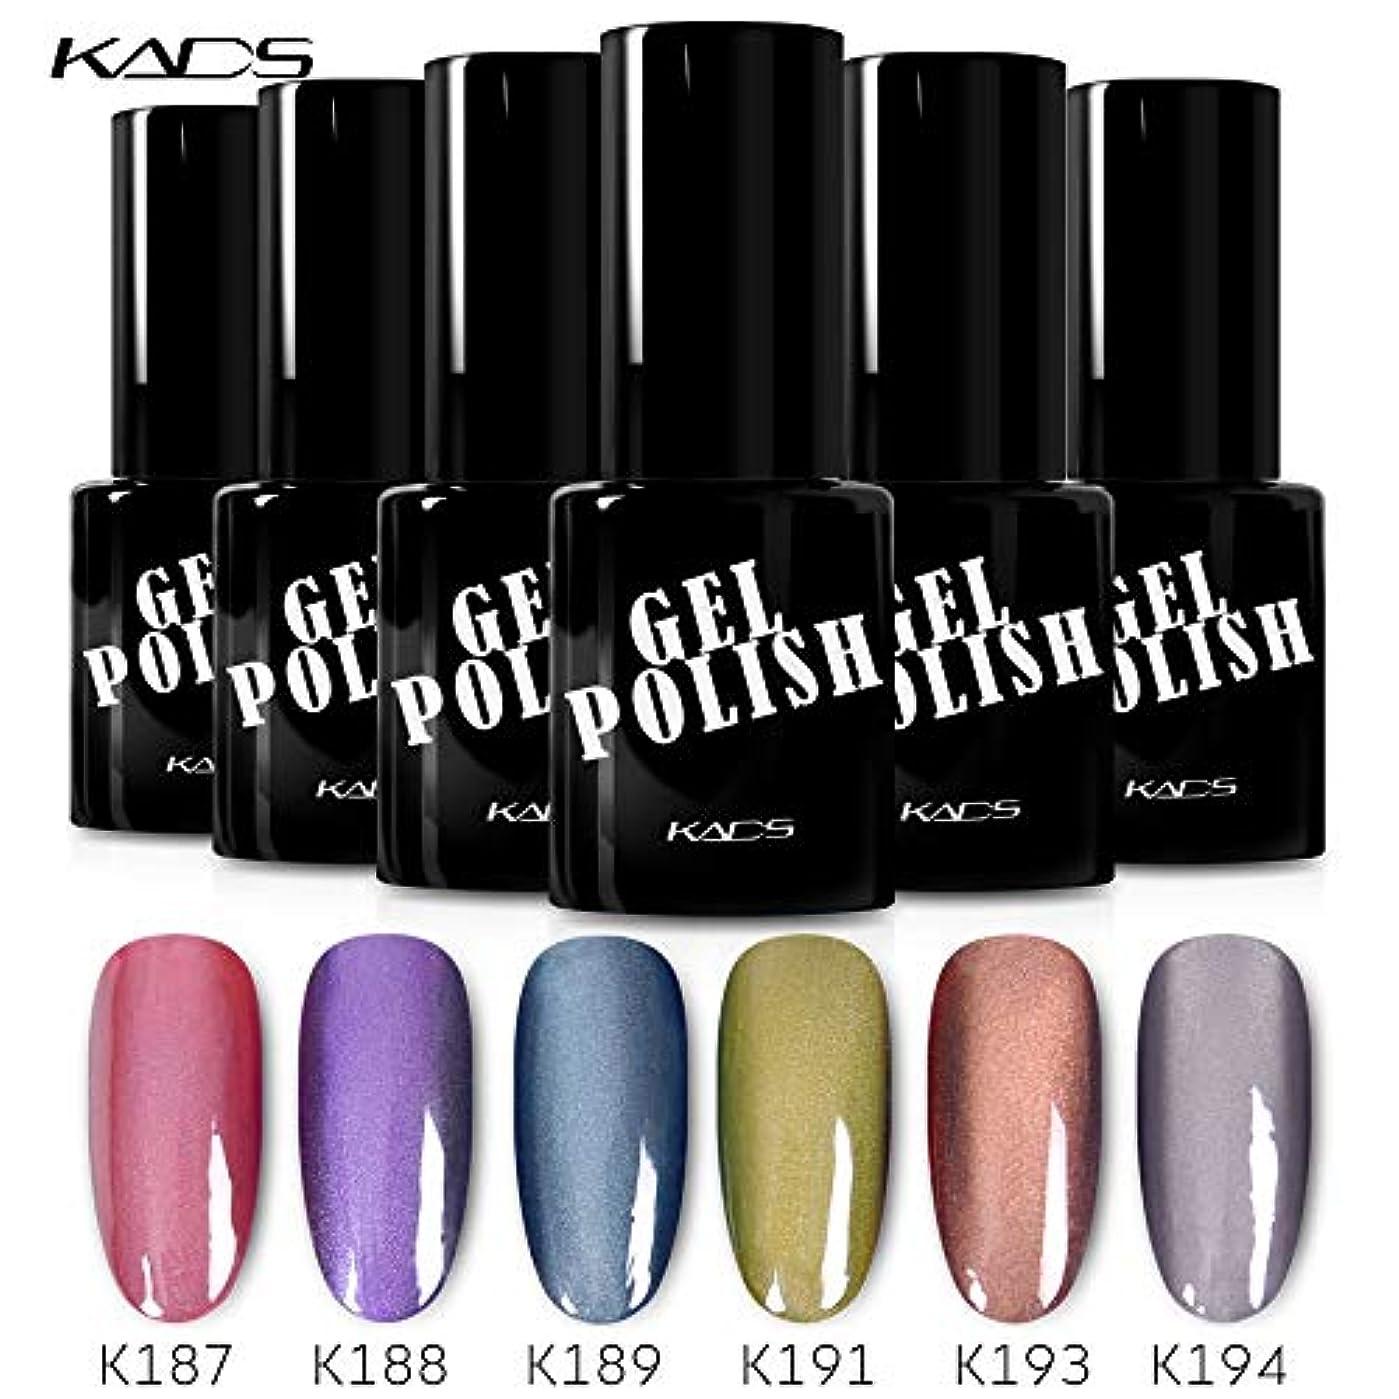 水分大臣まともなKADS カラージェル 6色入り キャッツアイジェルネイル グリーン/ピンク/グレー カラーポリッシュ UV/LED対応 艶長持ち